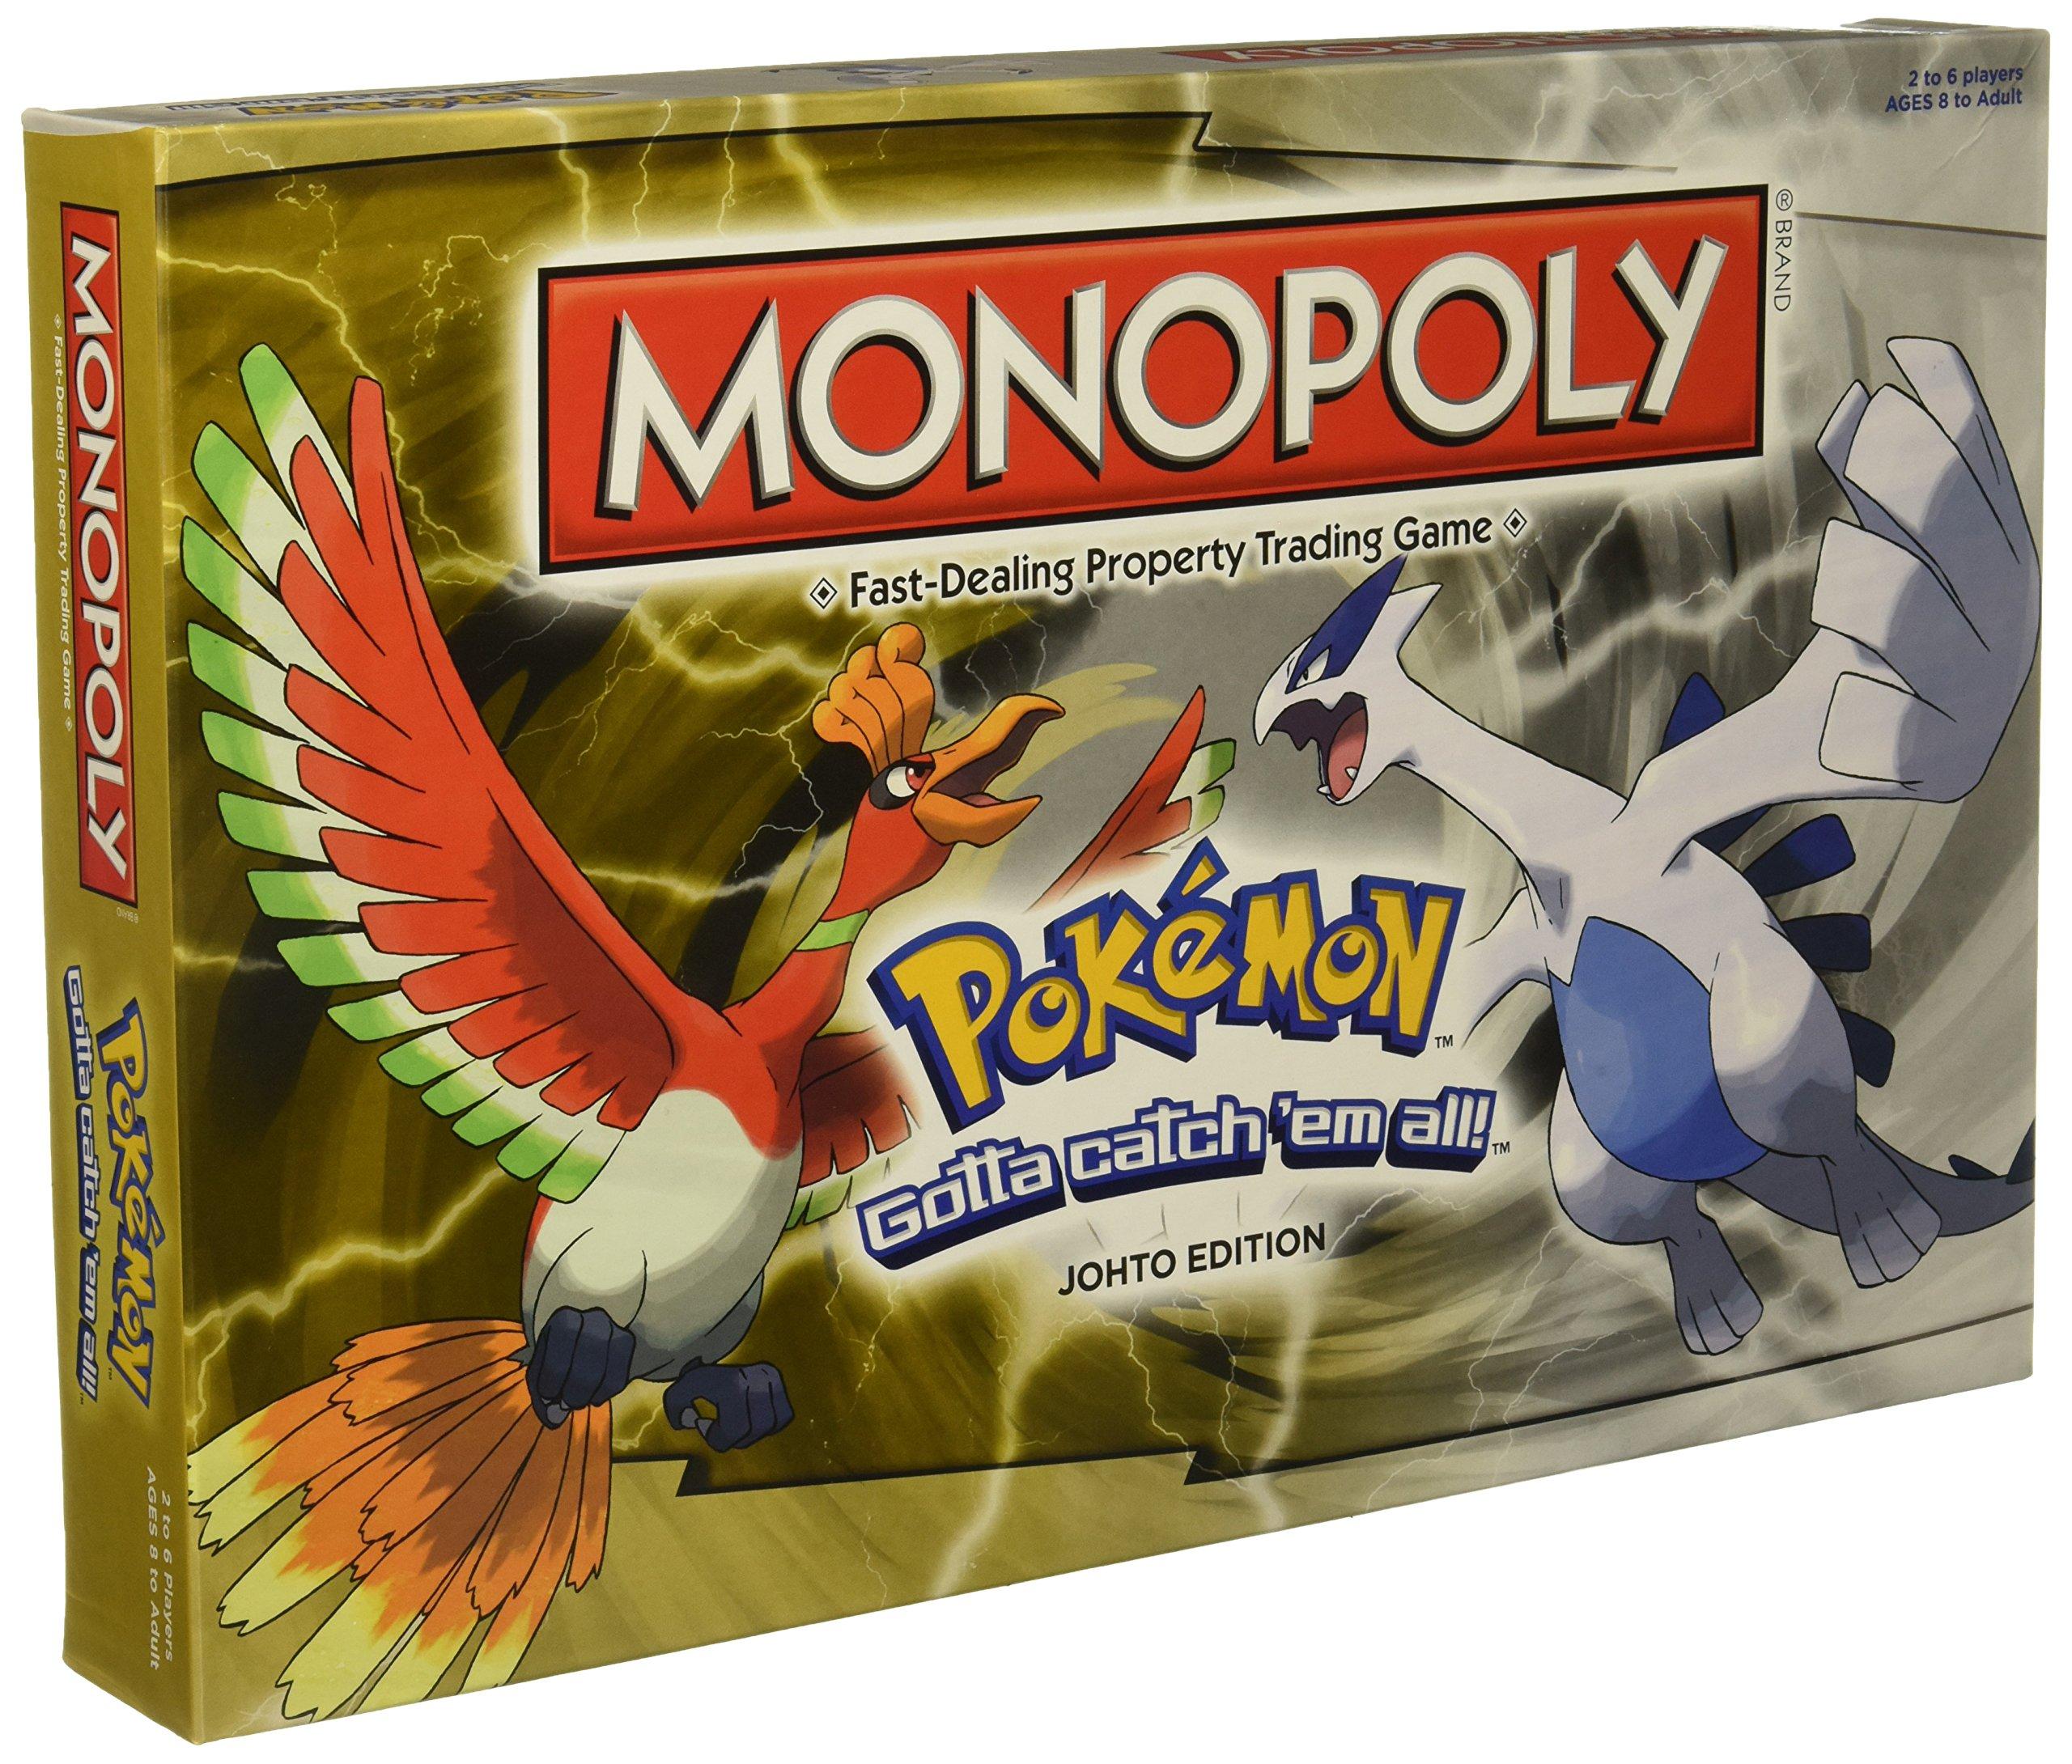 Monopoly: Pokémon Johto Edition Board Game